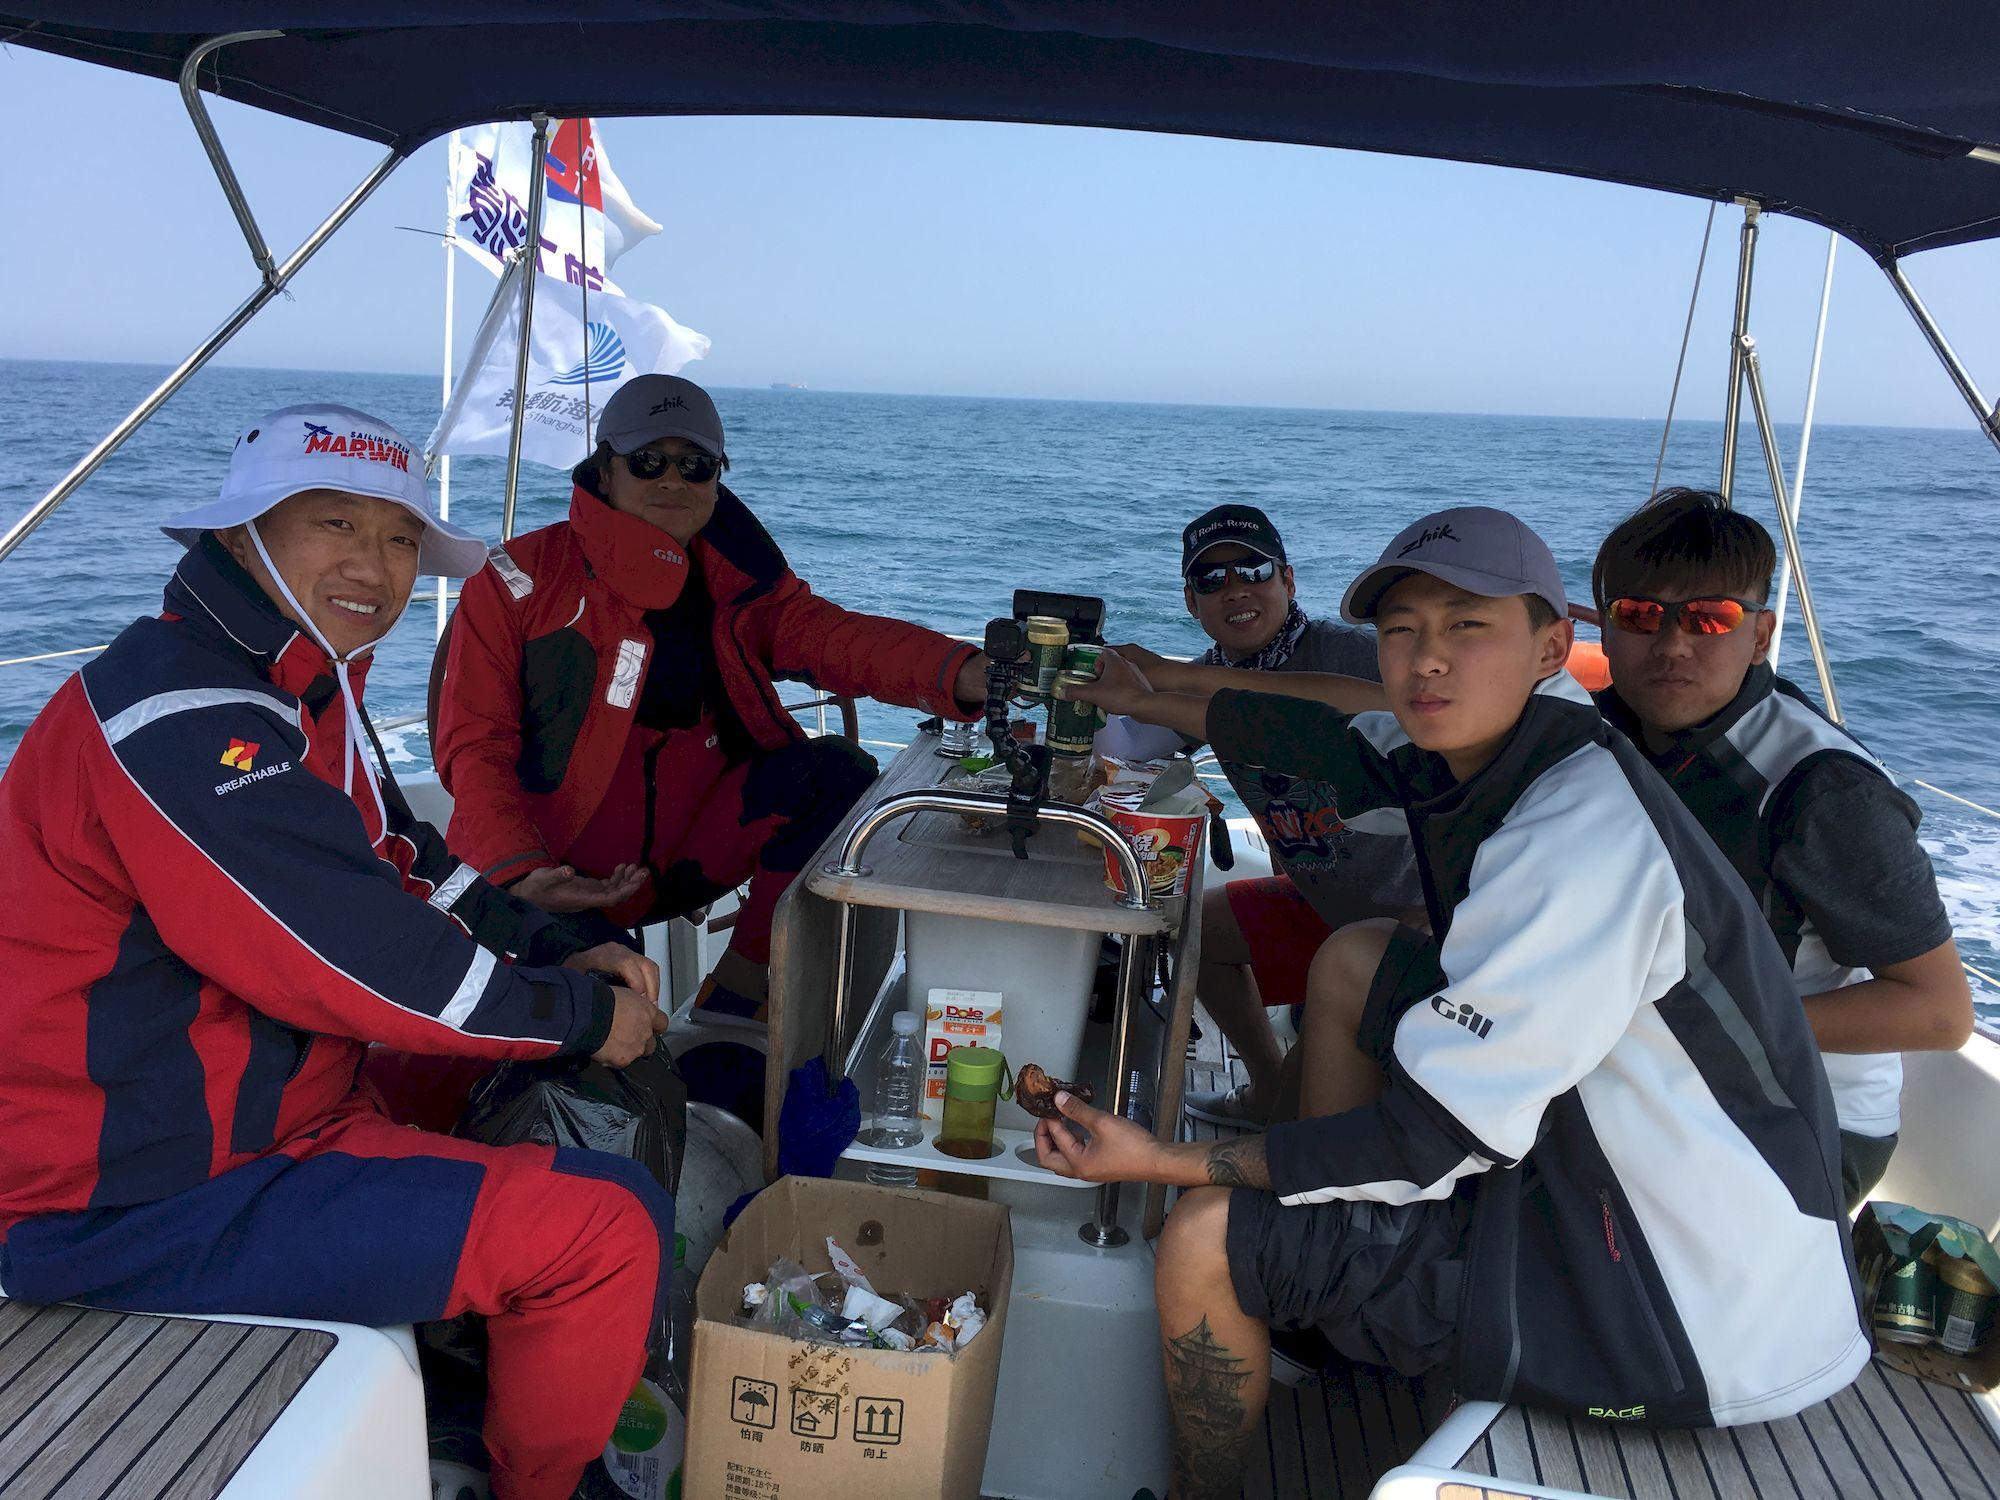 001b-IMG_2680_千帆俱乐部我要航海网帆船队-2016威海-仁川国际帆船赛.JPG